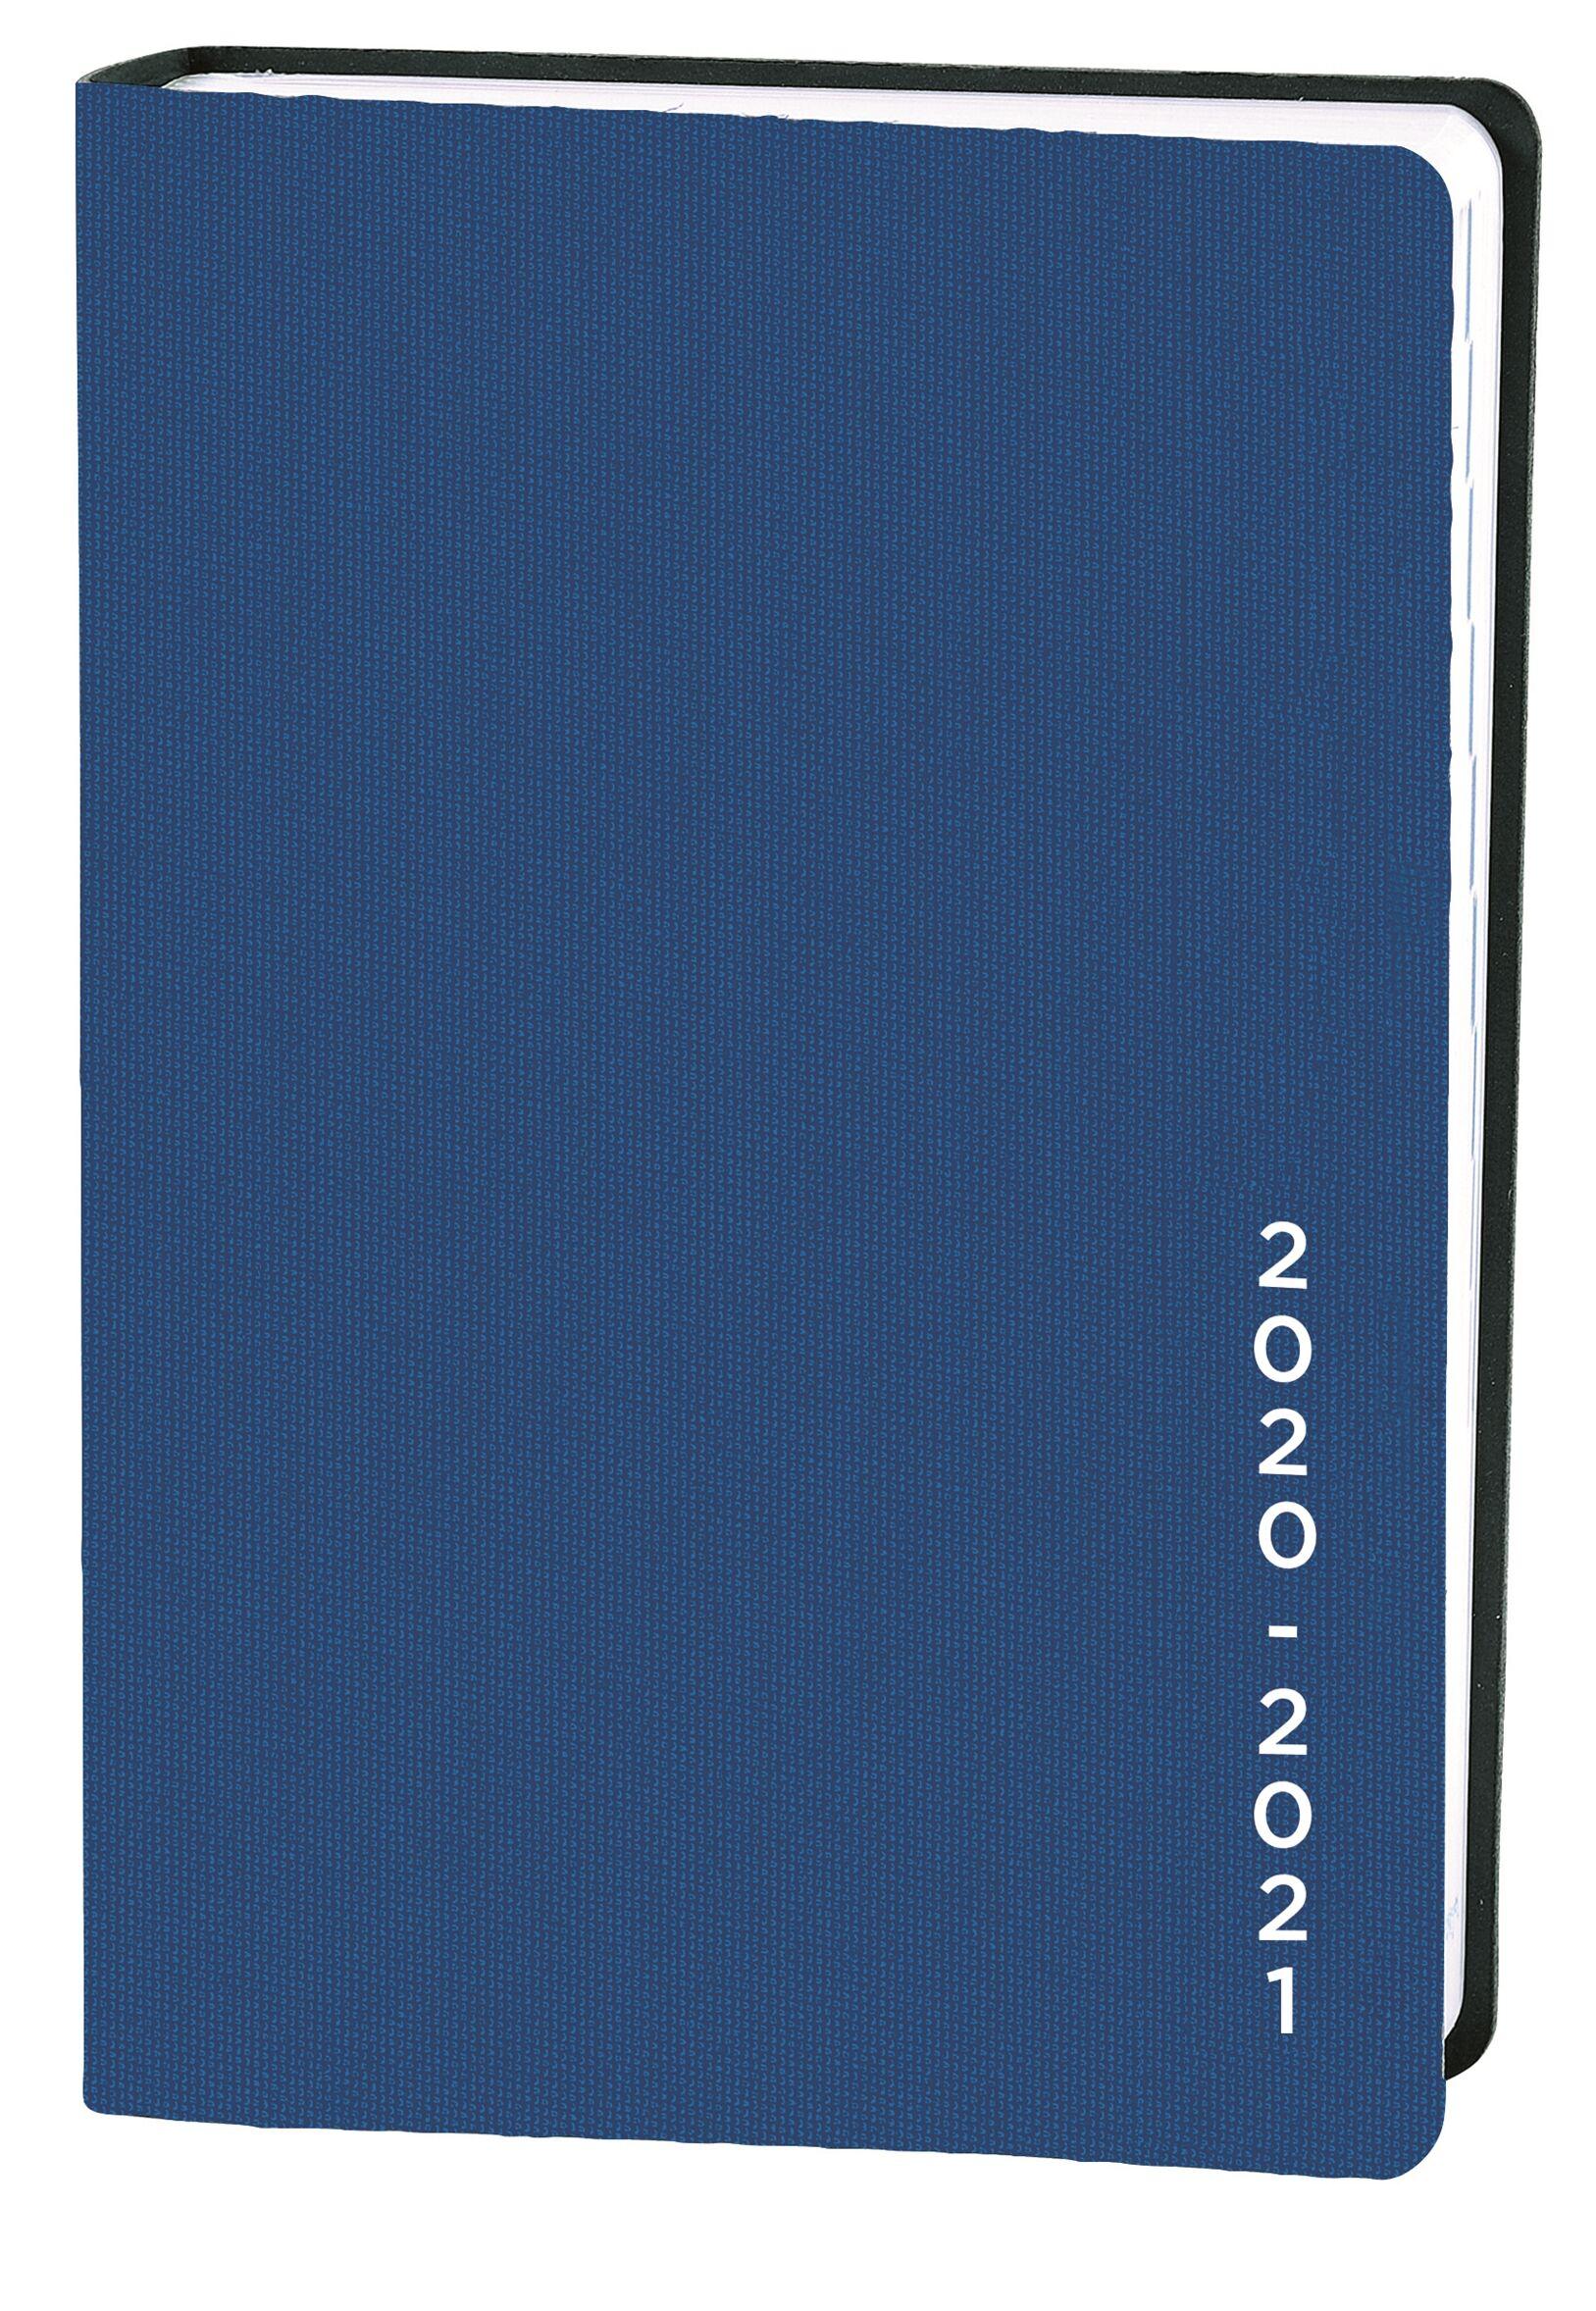 Agenda Galaxy - 1 jour par page - 10 x 15 cm - bleu - Quo Vadis